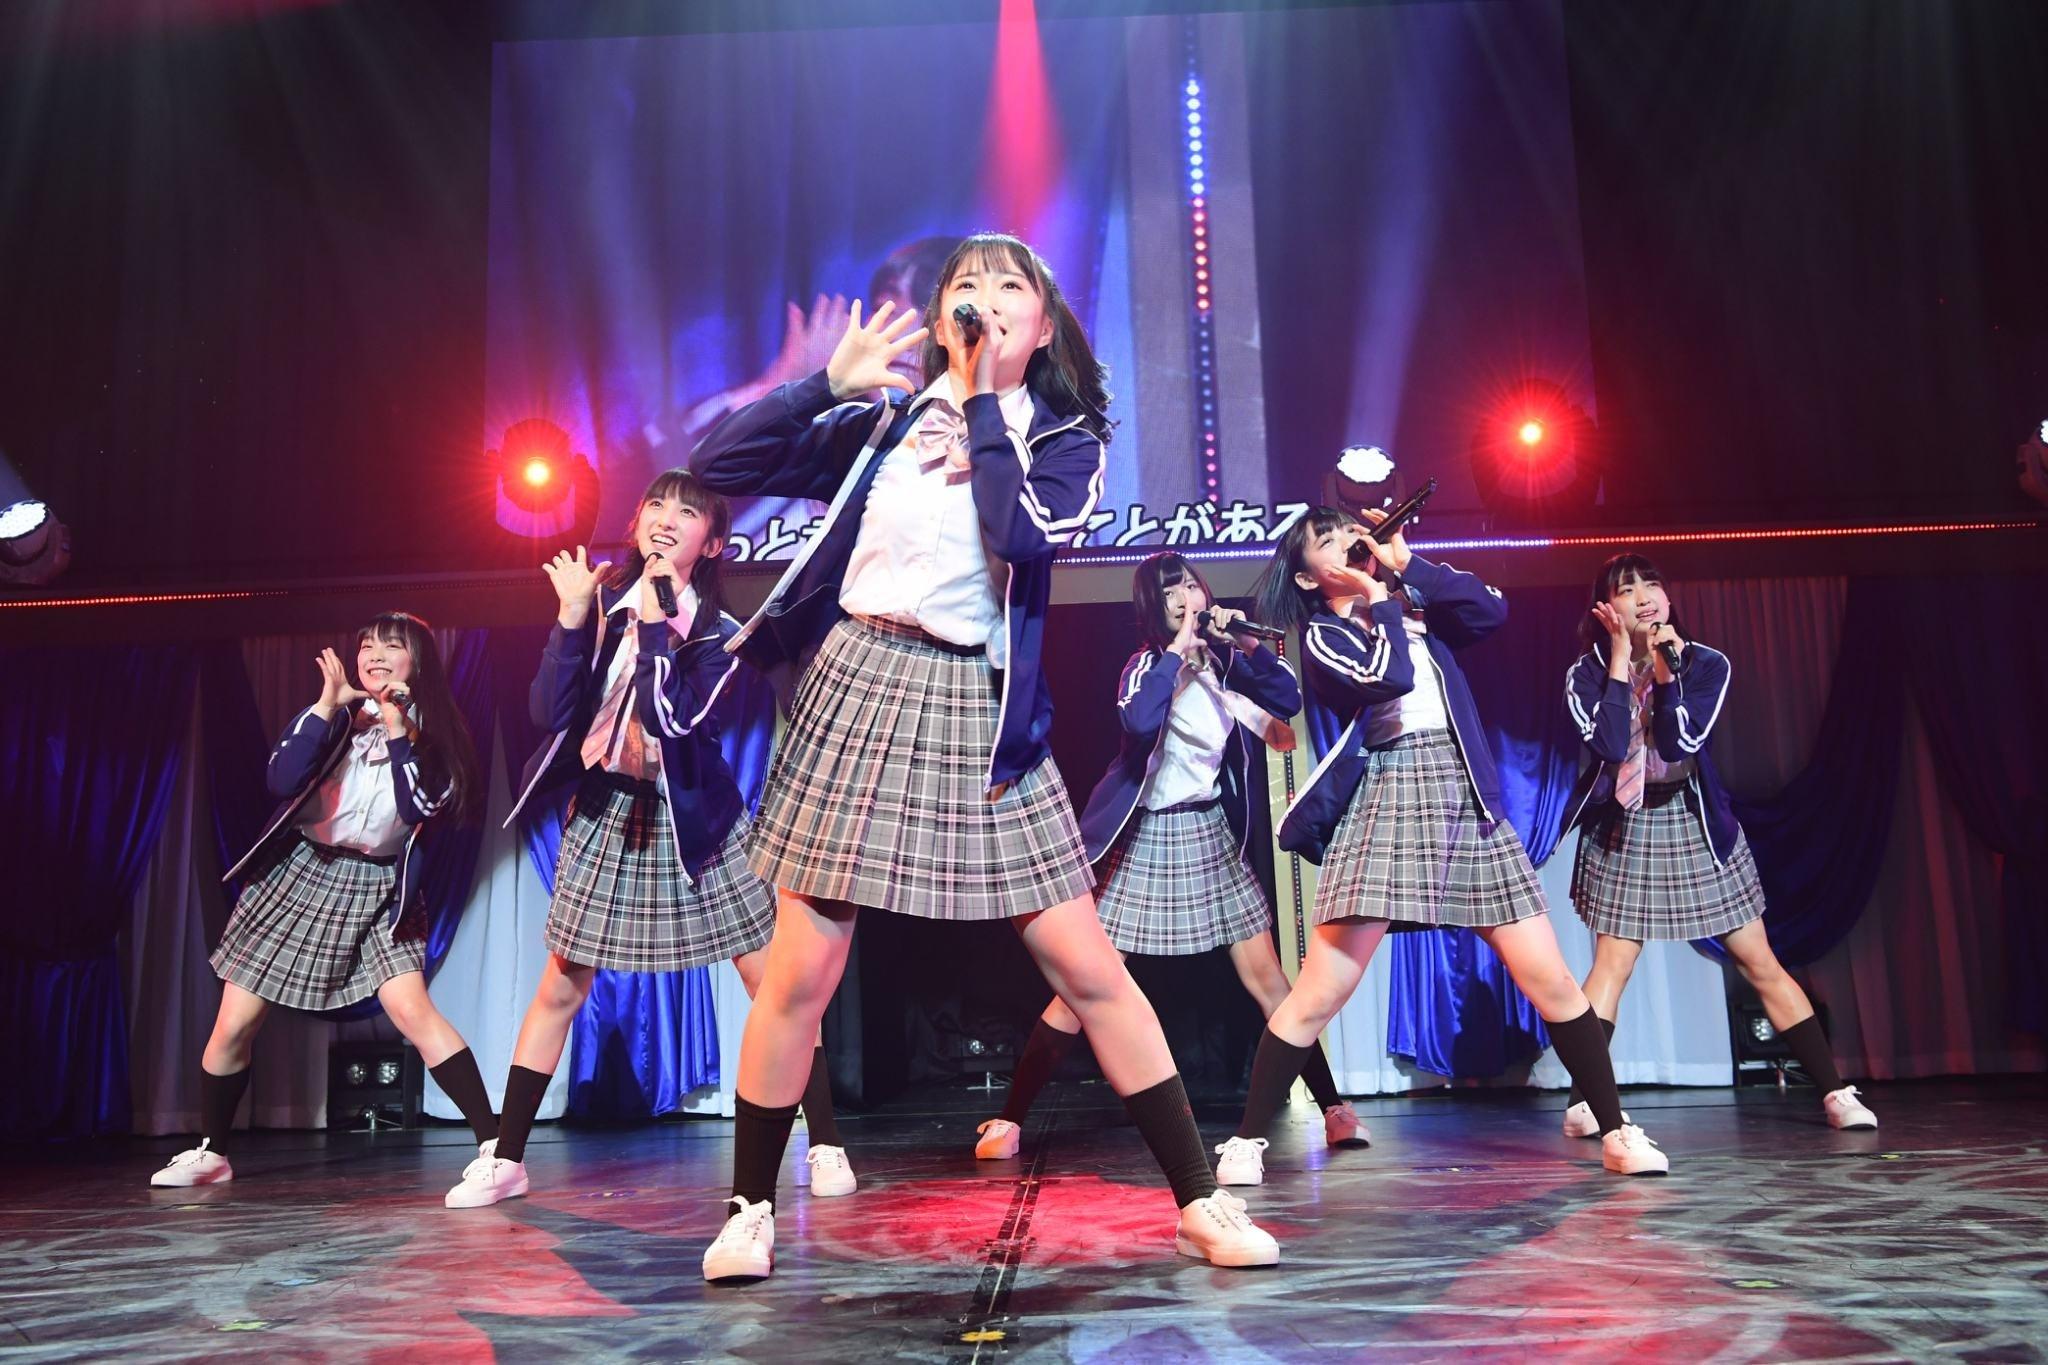 「多田京加の強運ぶり」がAKB48研究生単独コンサートで判明!【写真9枚】の画像006